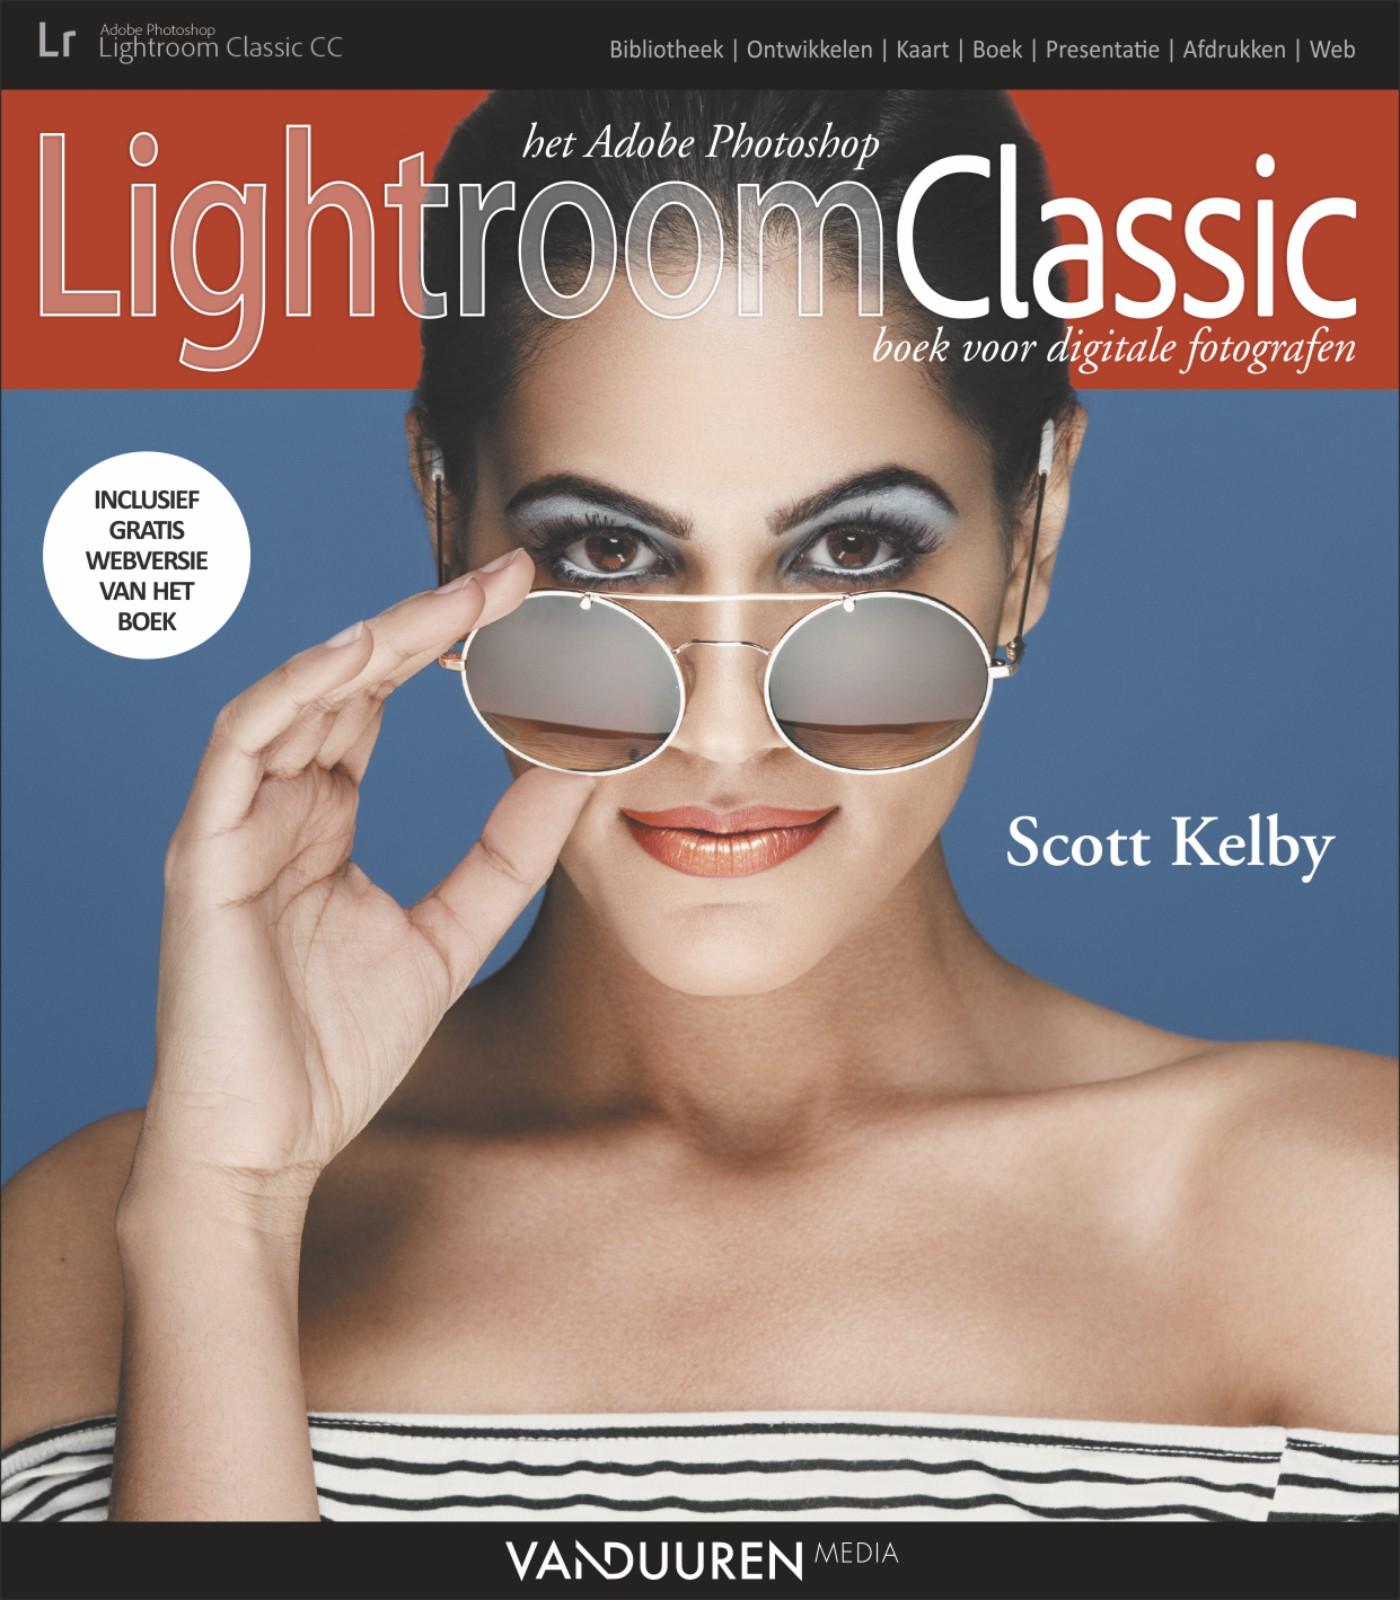 coverfoto van fotoboek Het Adobe Photoshop Lightroom Classic boek voor digitale fotografen